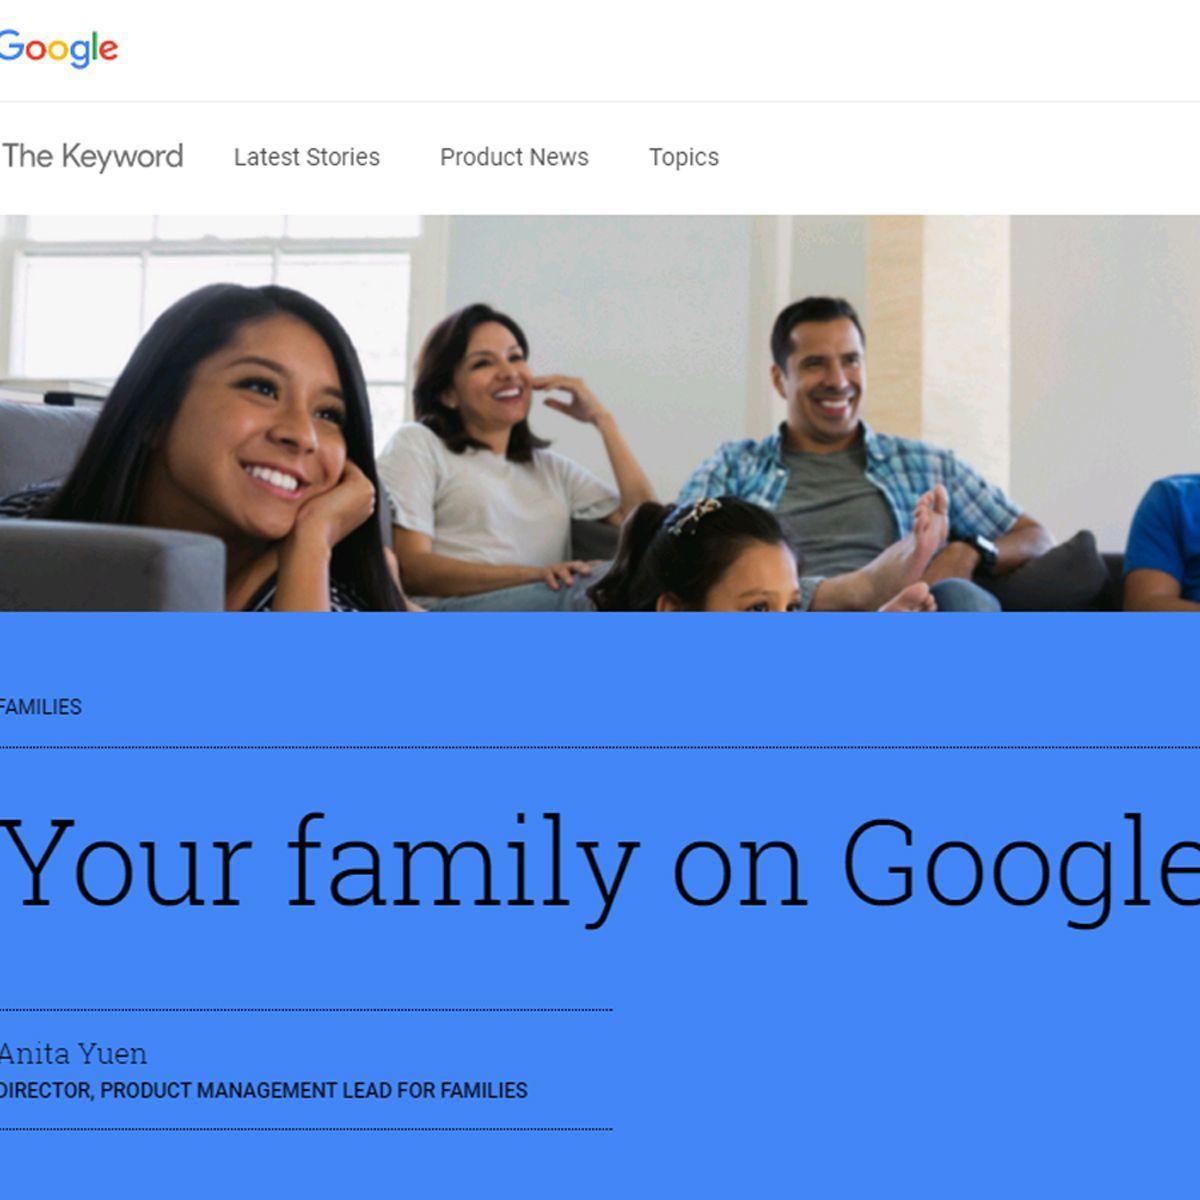 家族で情報を共有、アプリや映画、音楽がお得な「Googleのファミリーグループ」